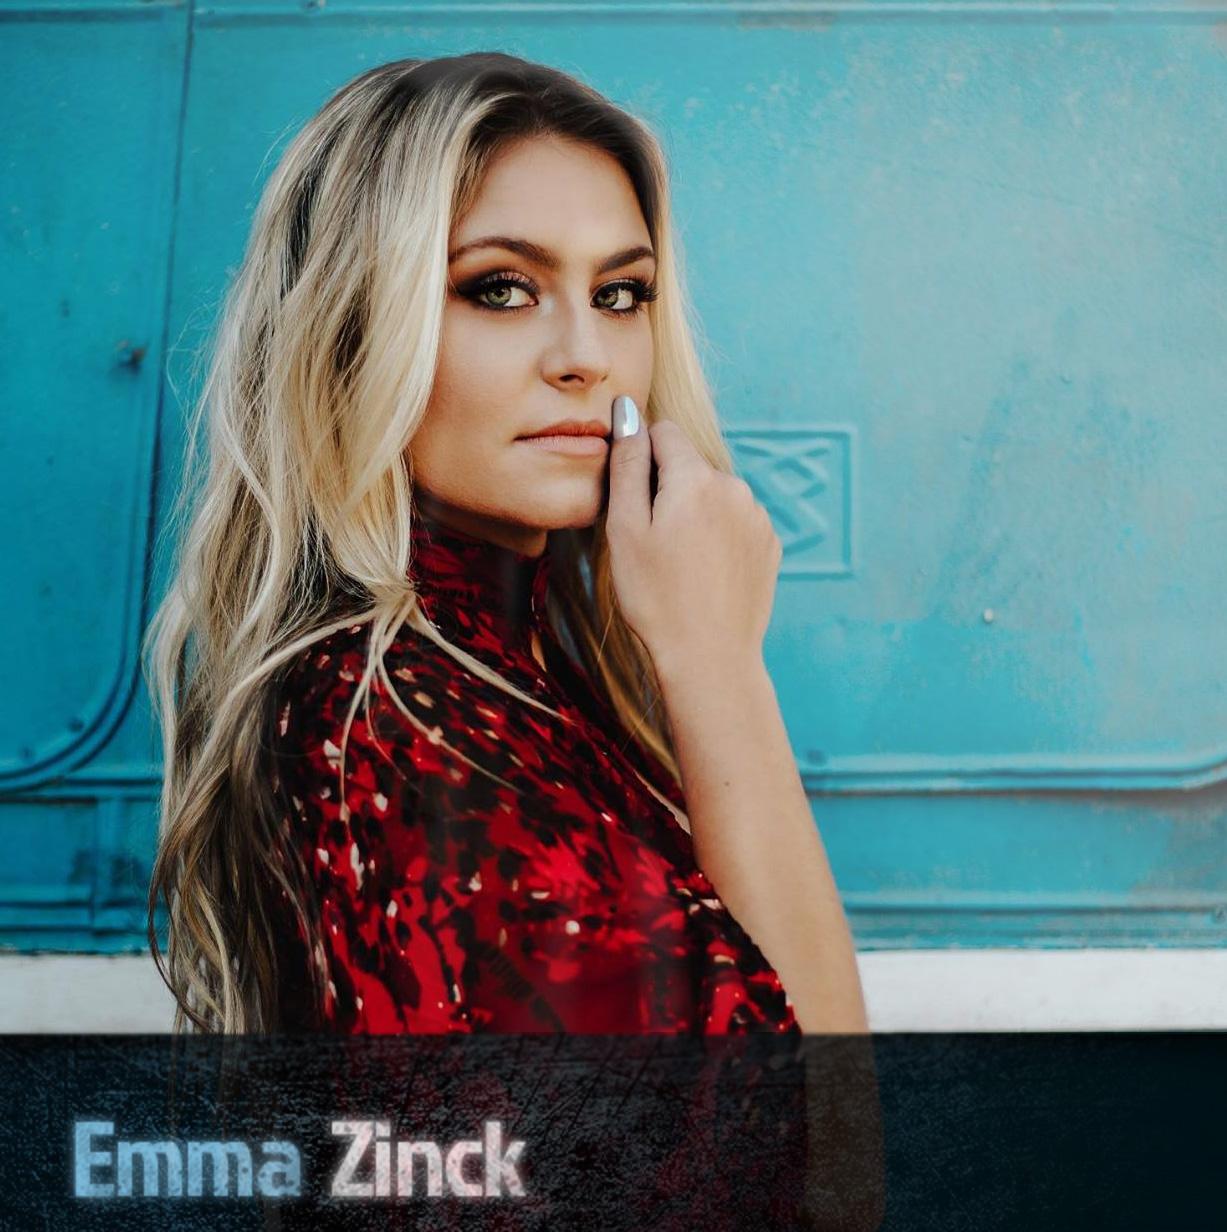 Emma-Zinck